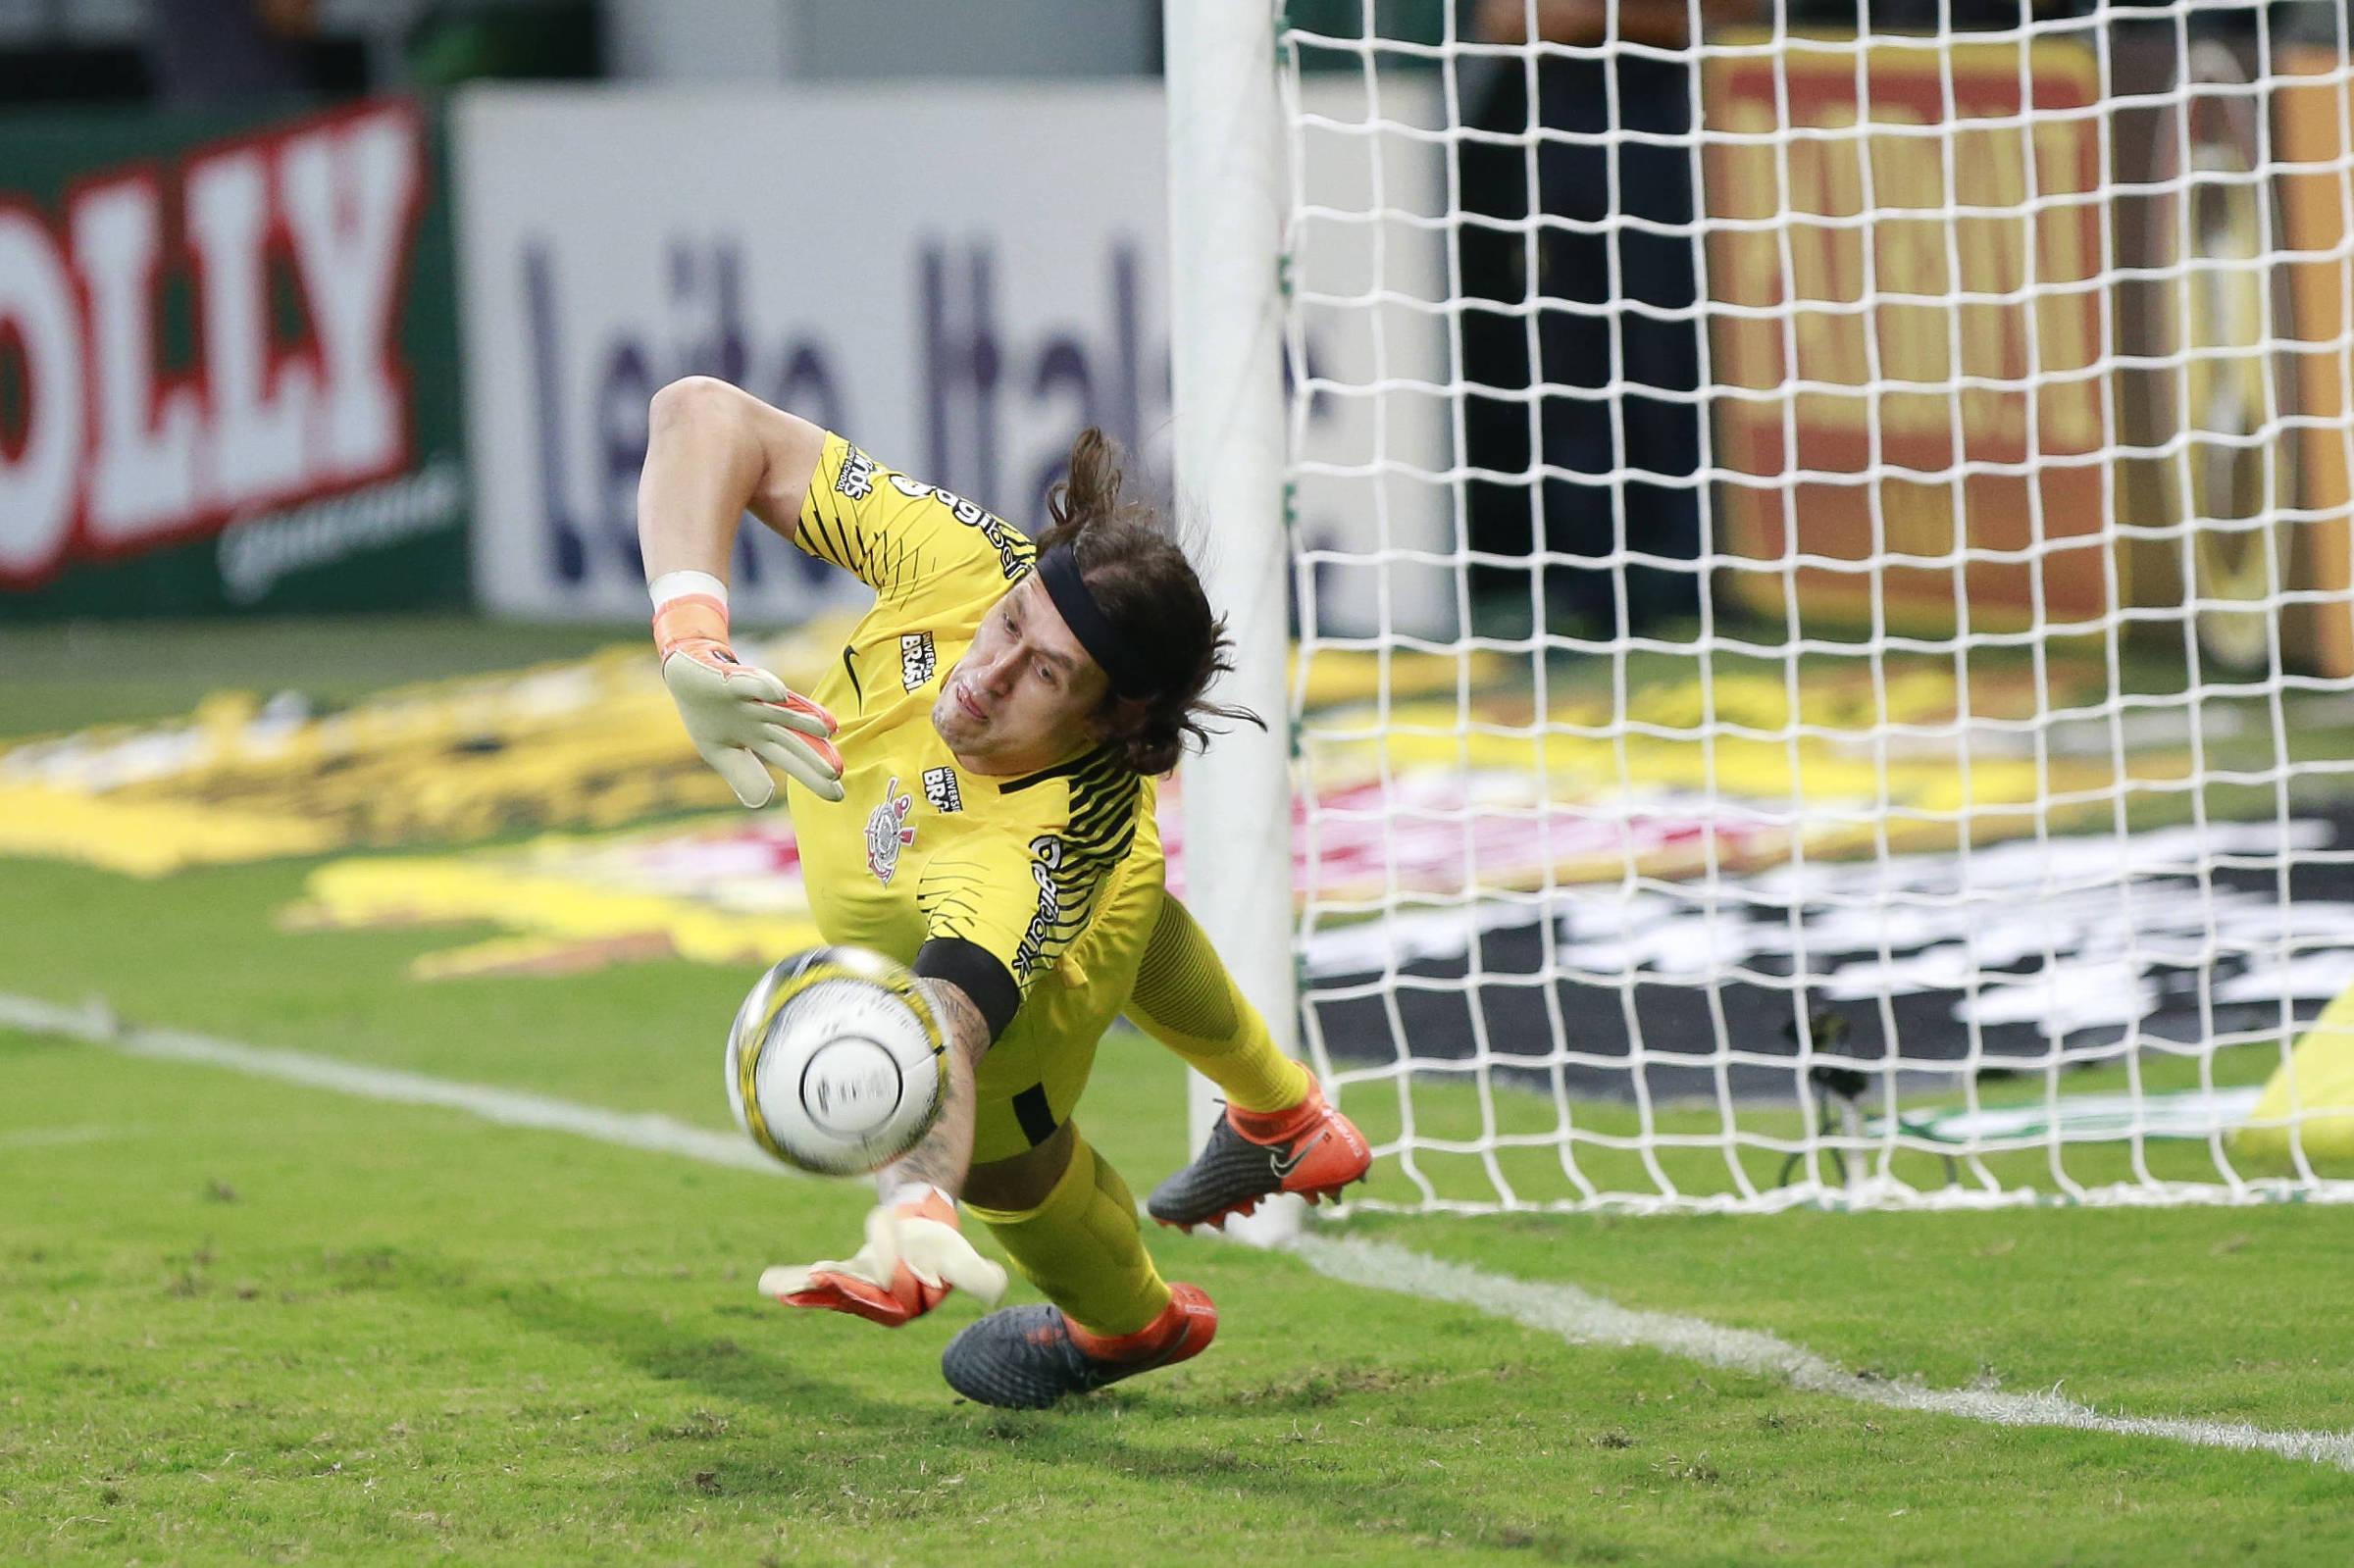 Cássio reage e chega a 500 jogos pelo Corinthians em temporada difícil